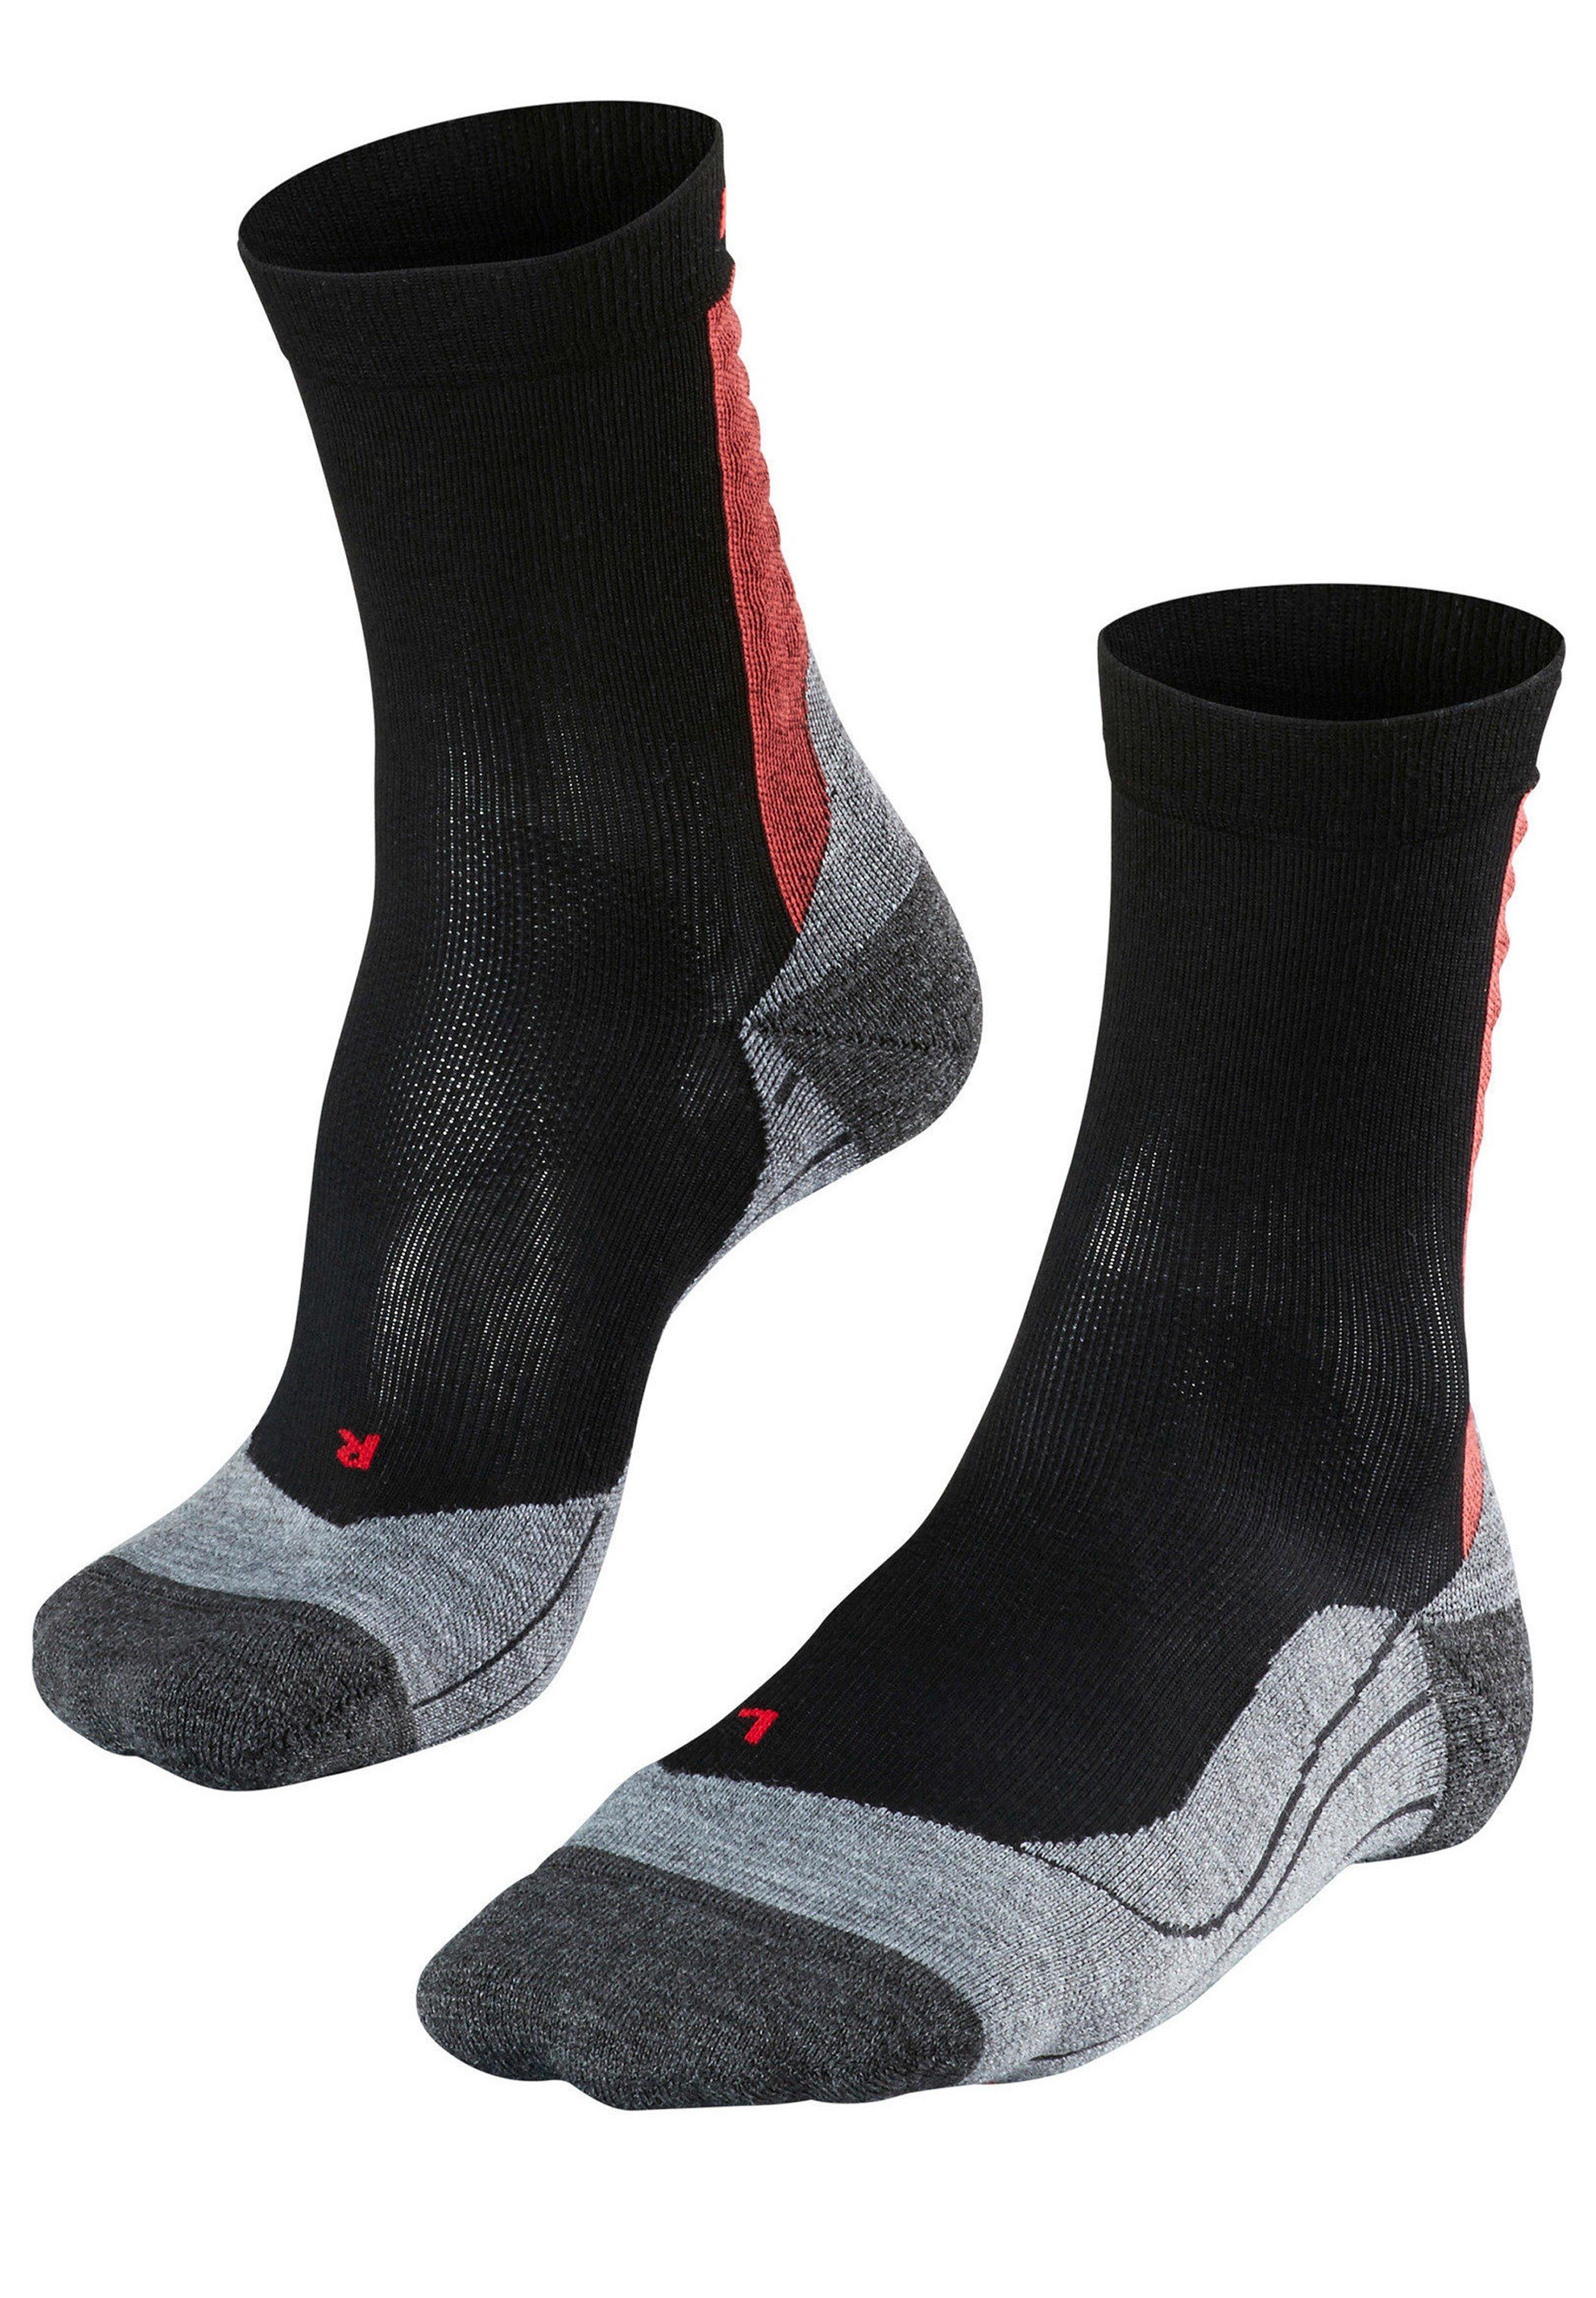 Femme ACHILLES - Chaussettes de sport